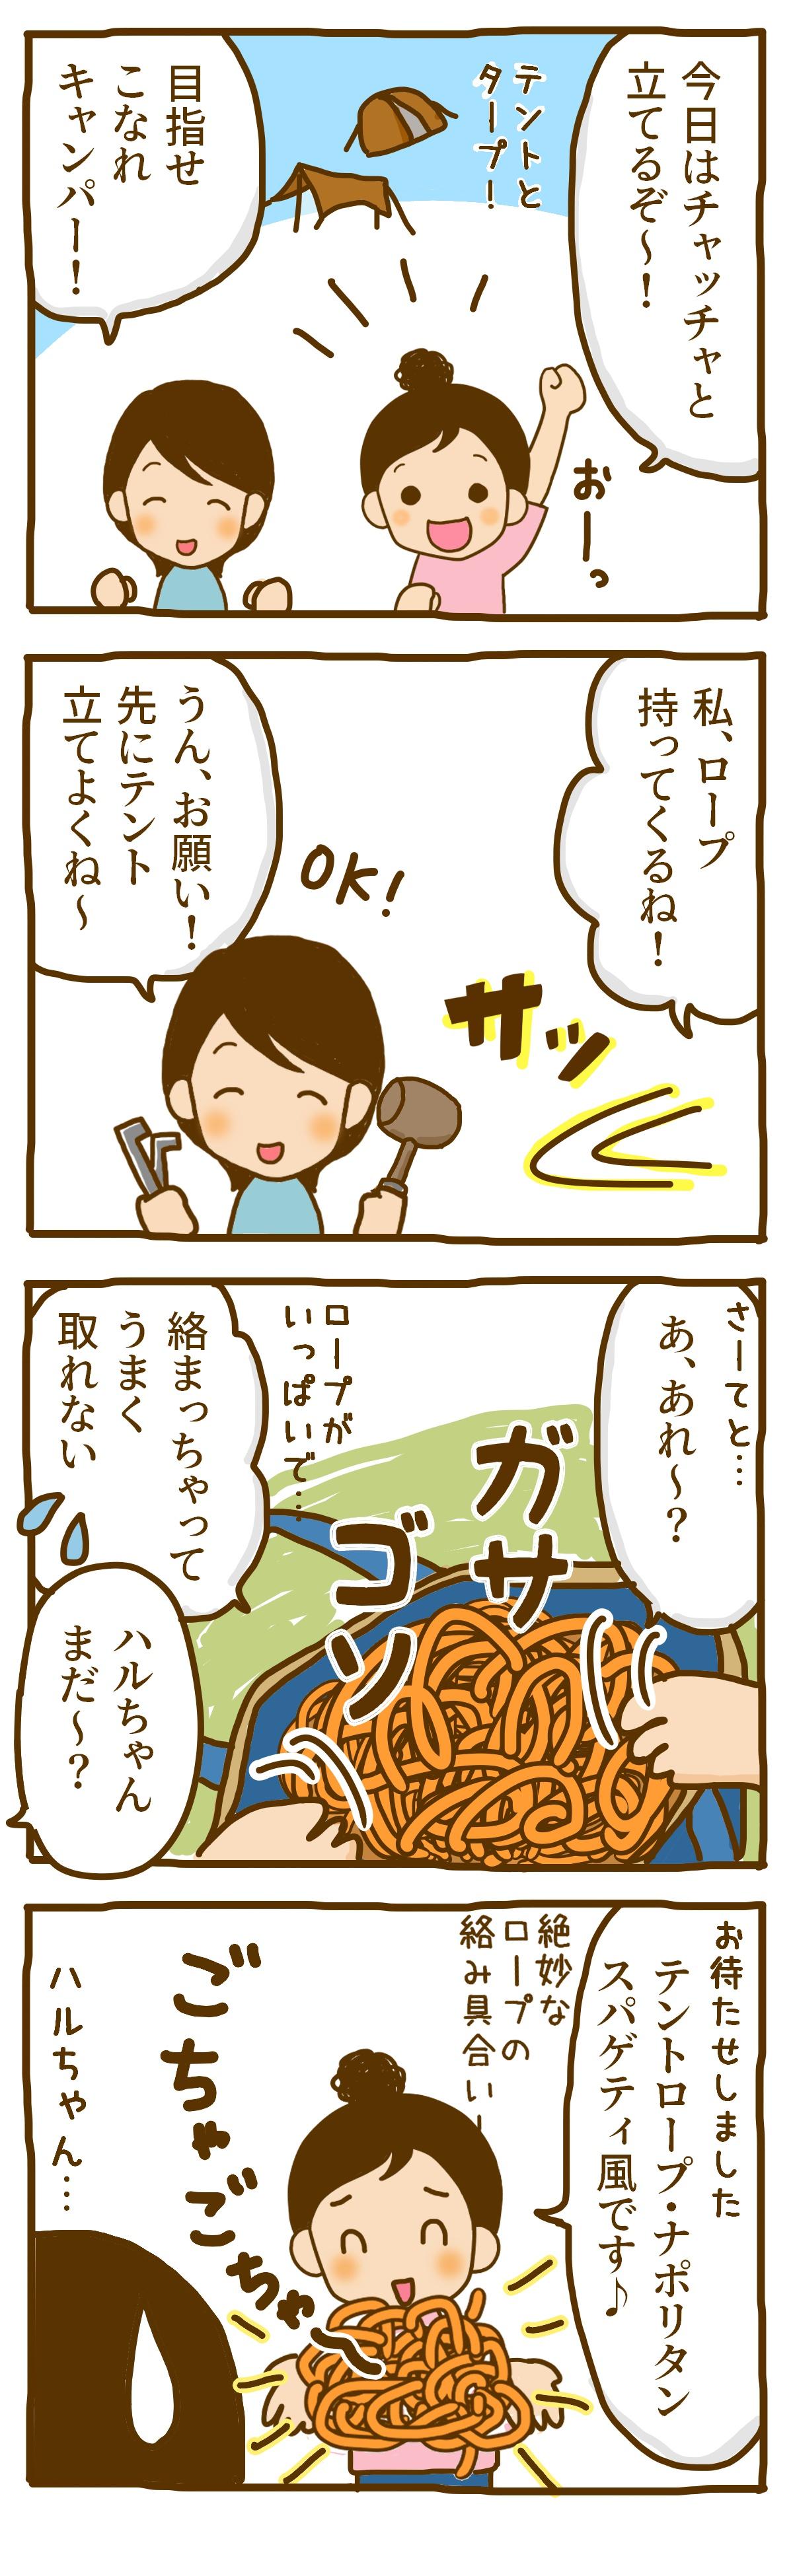 漫画131-1